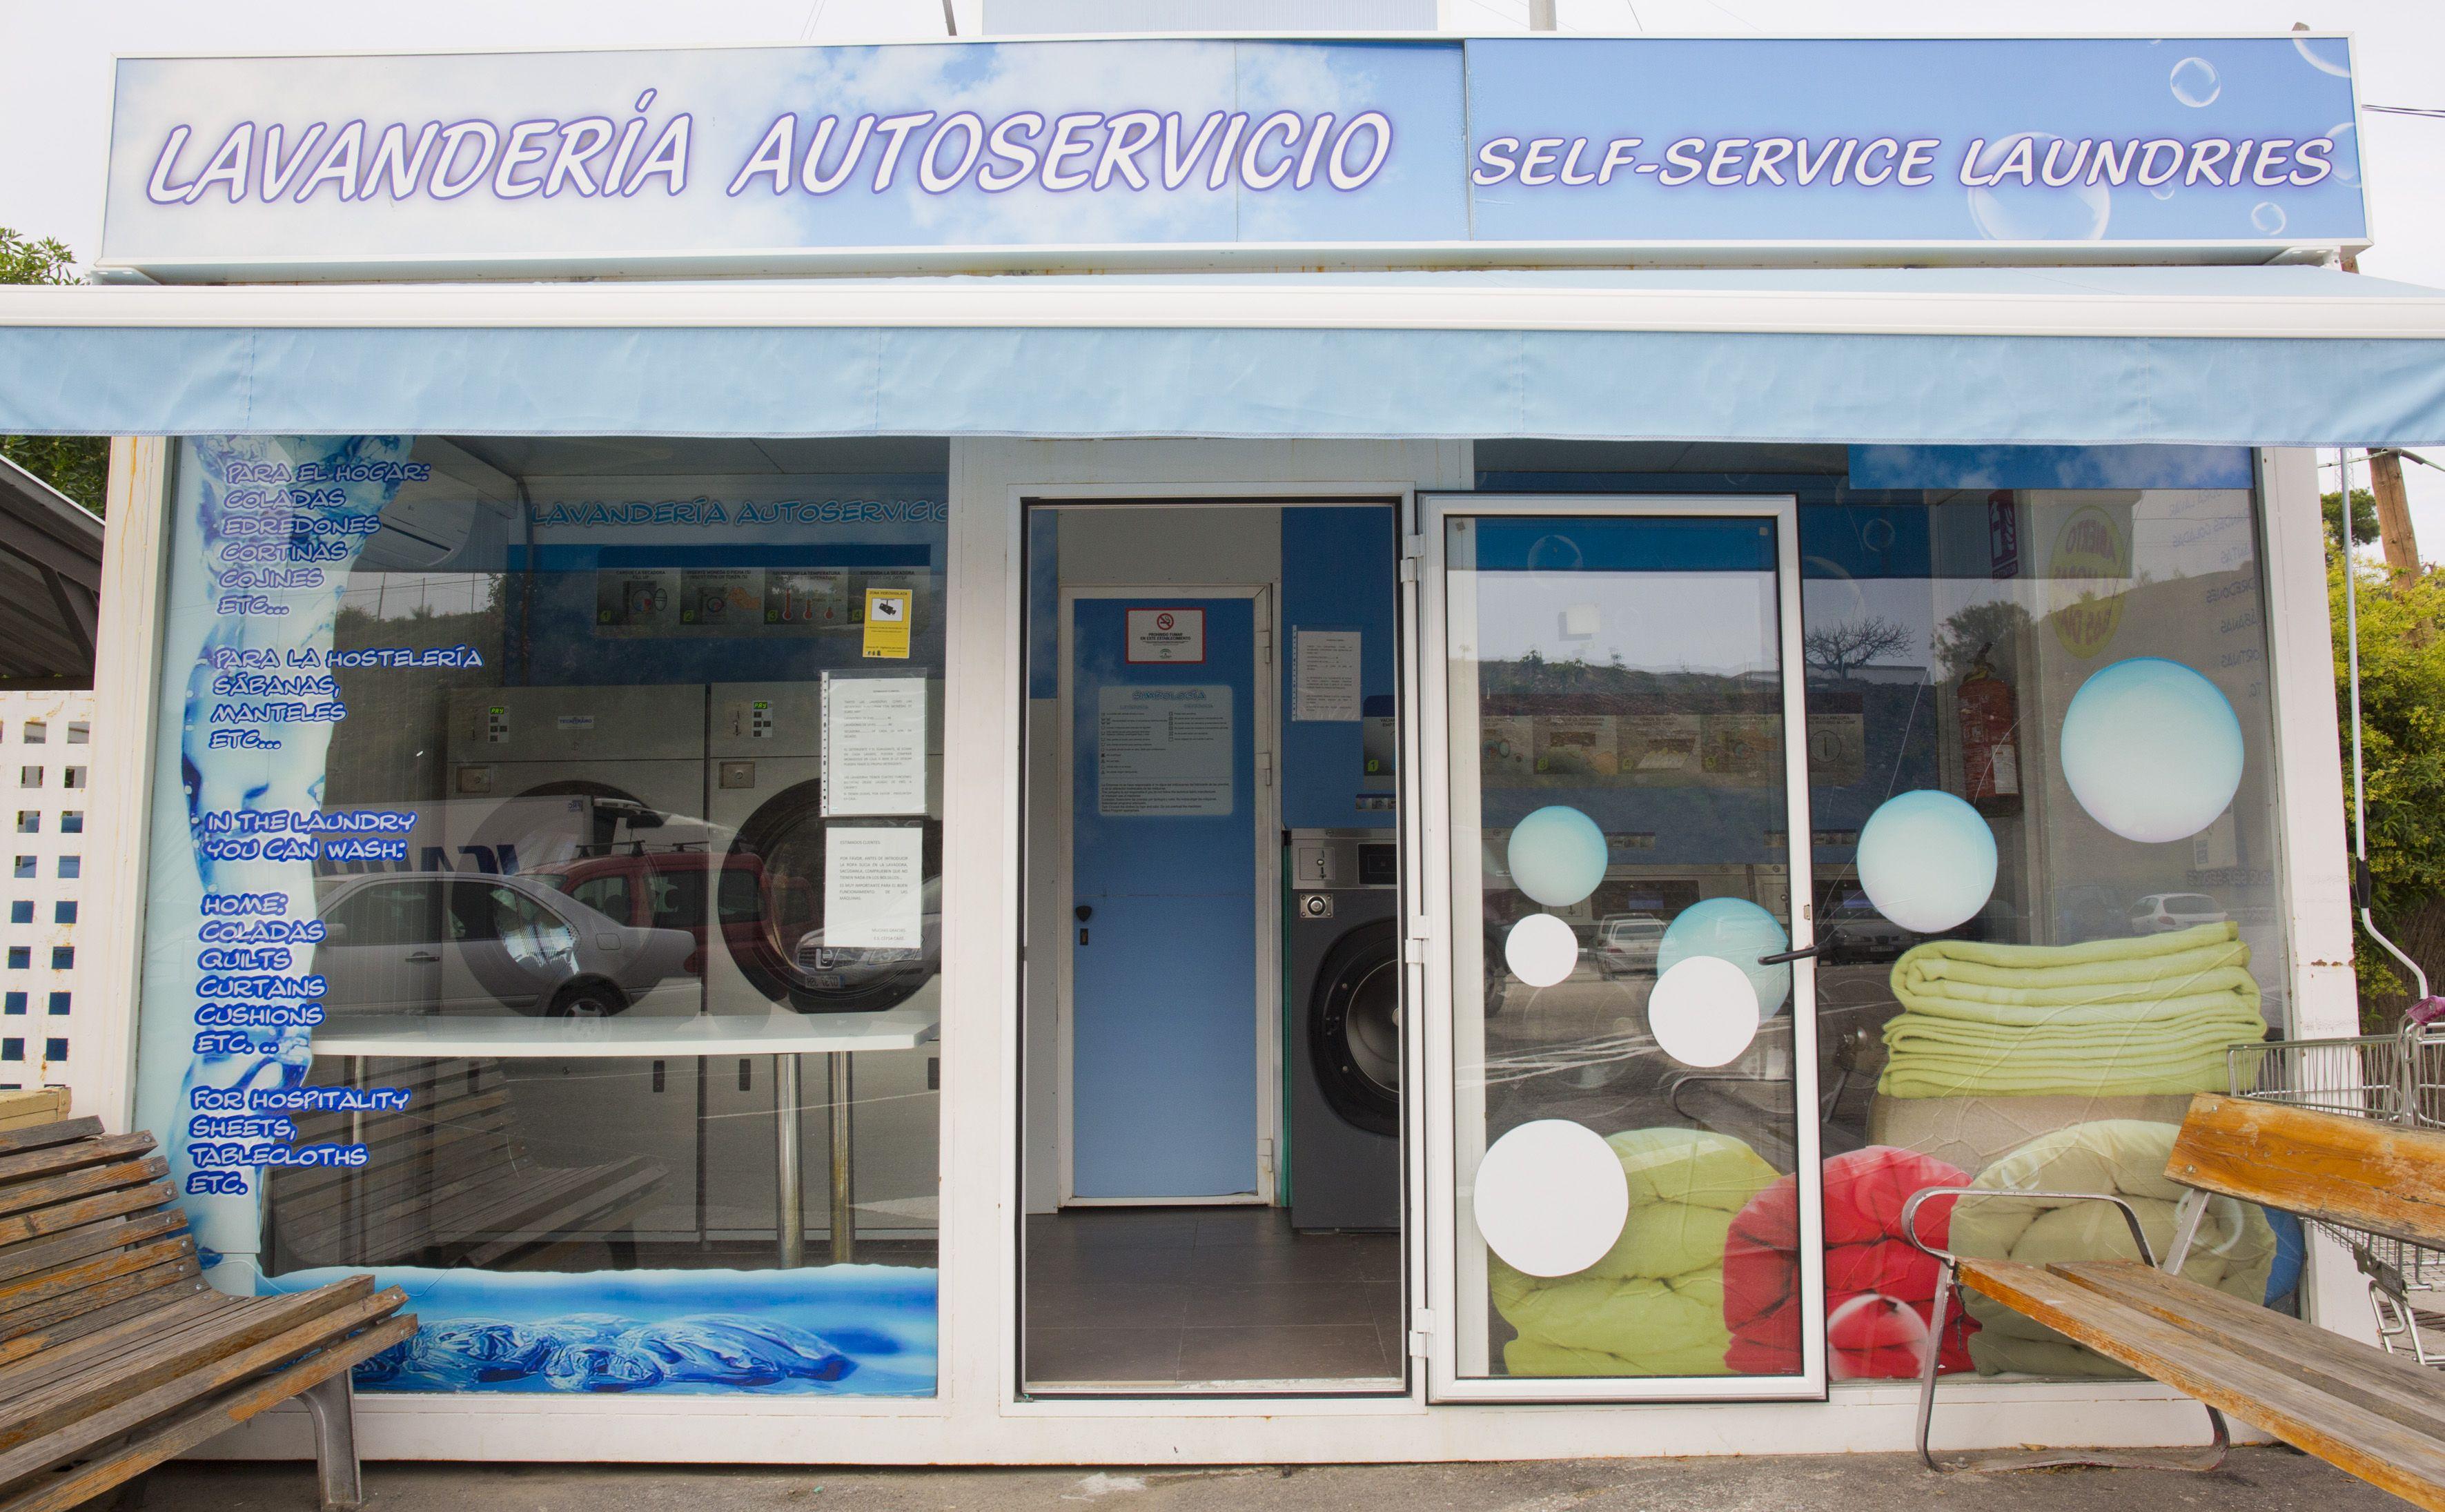 En Cepsa Cajiz también encontrarás autoservicio de lavandería